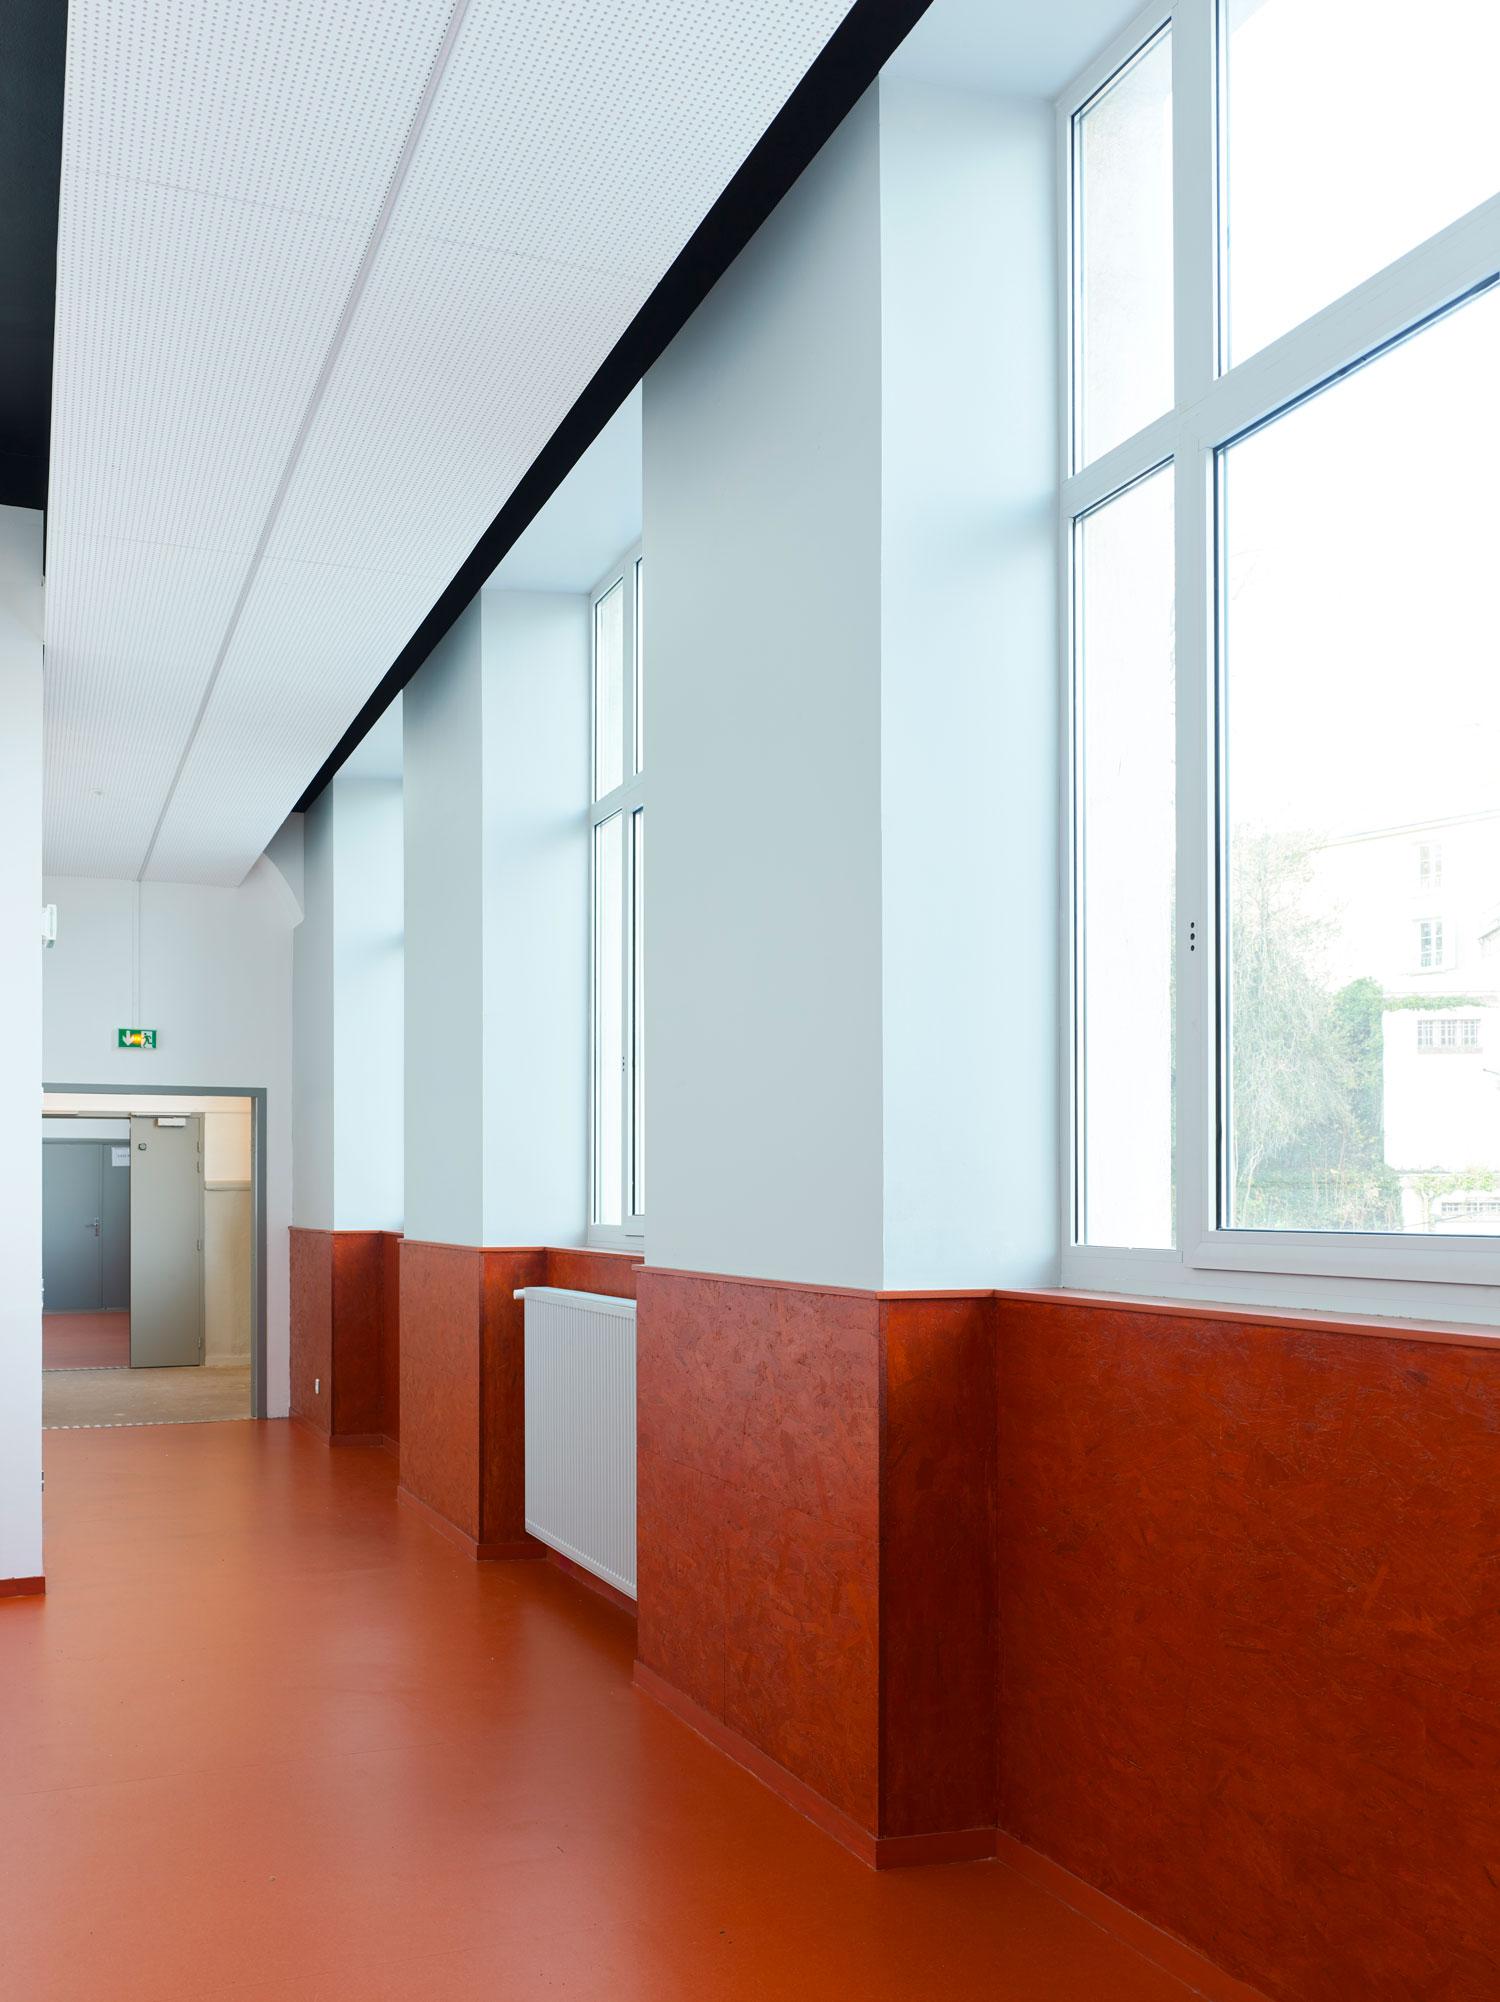 Collège-Creusot-centre-04-web